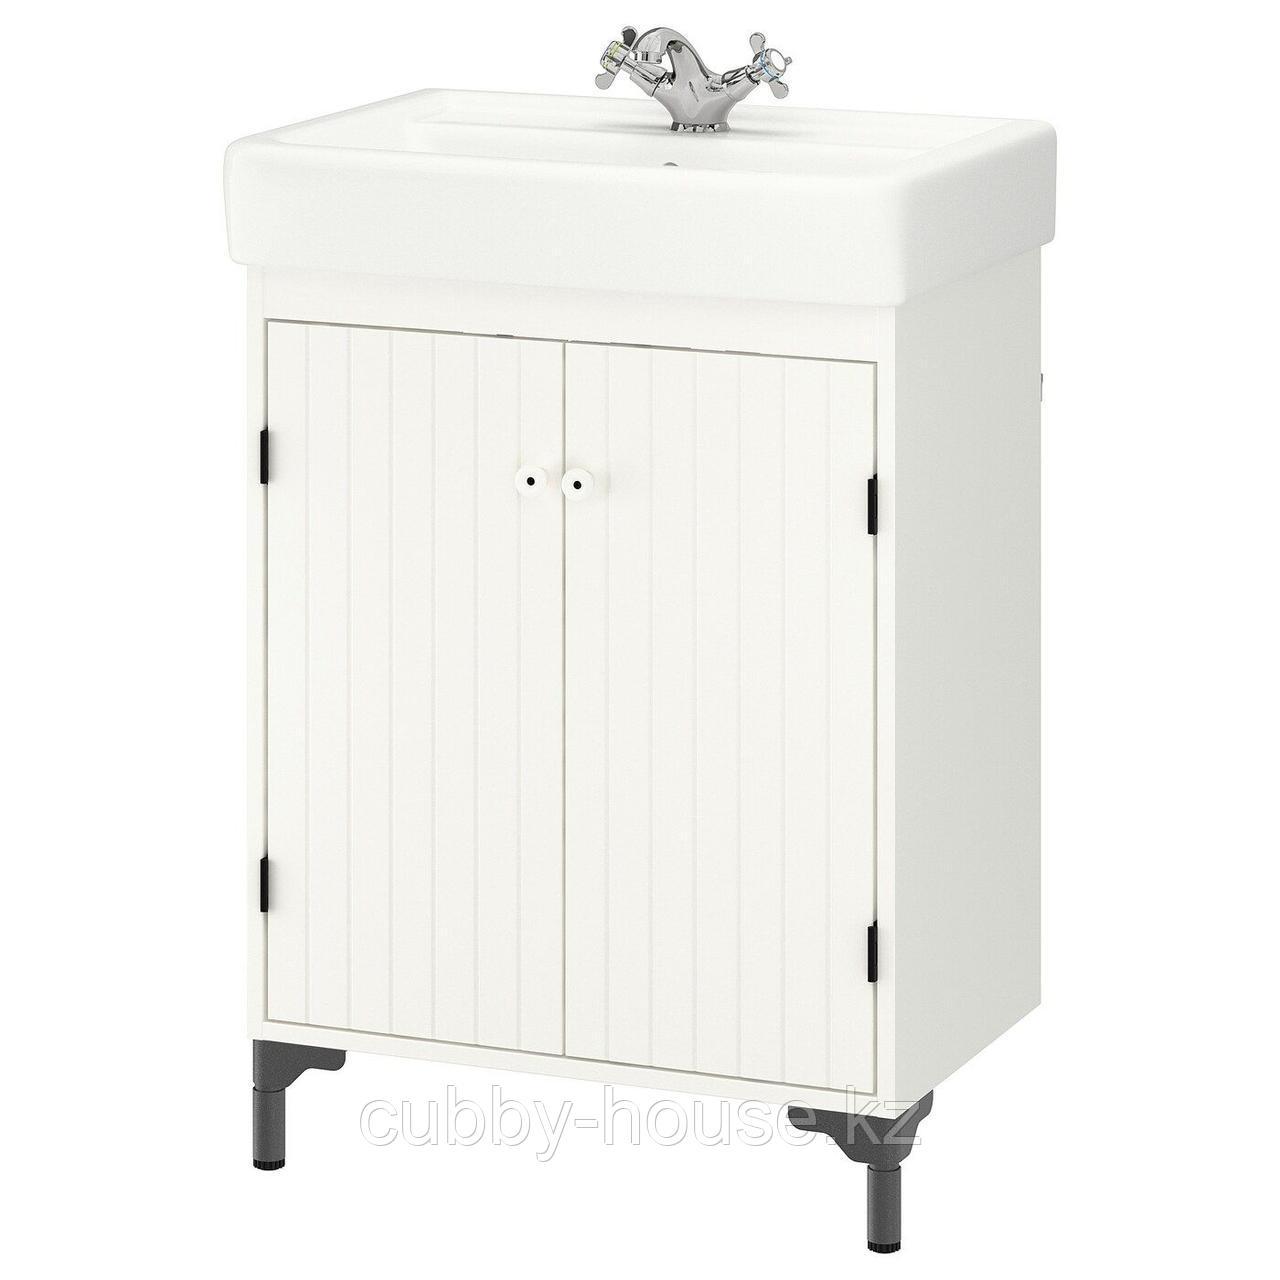 СИЛВЕРОН / ХЭМНВИКЕН Шкаф под раковину с 2 дврц, белый, РУНШЕР смеситель, 63x45x91 см